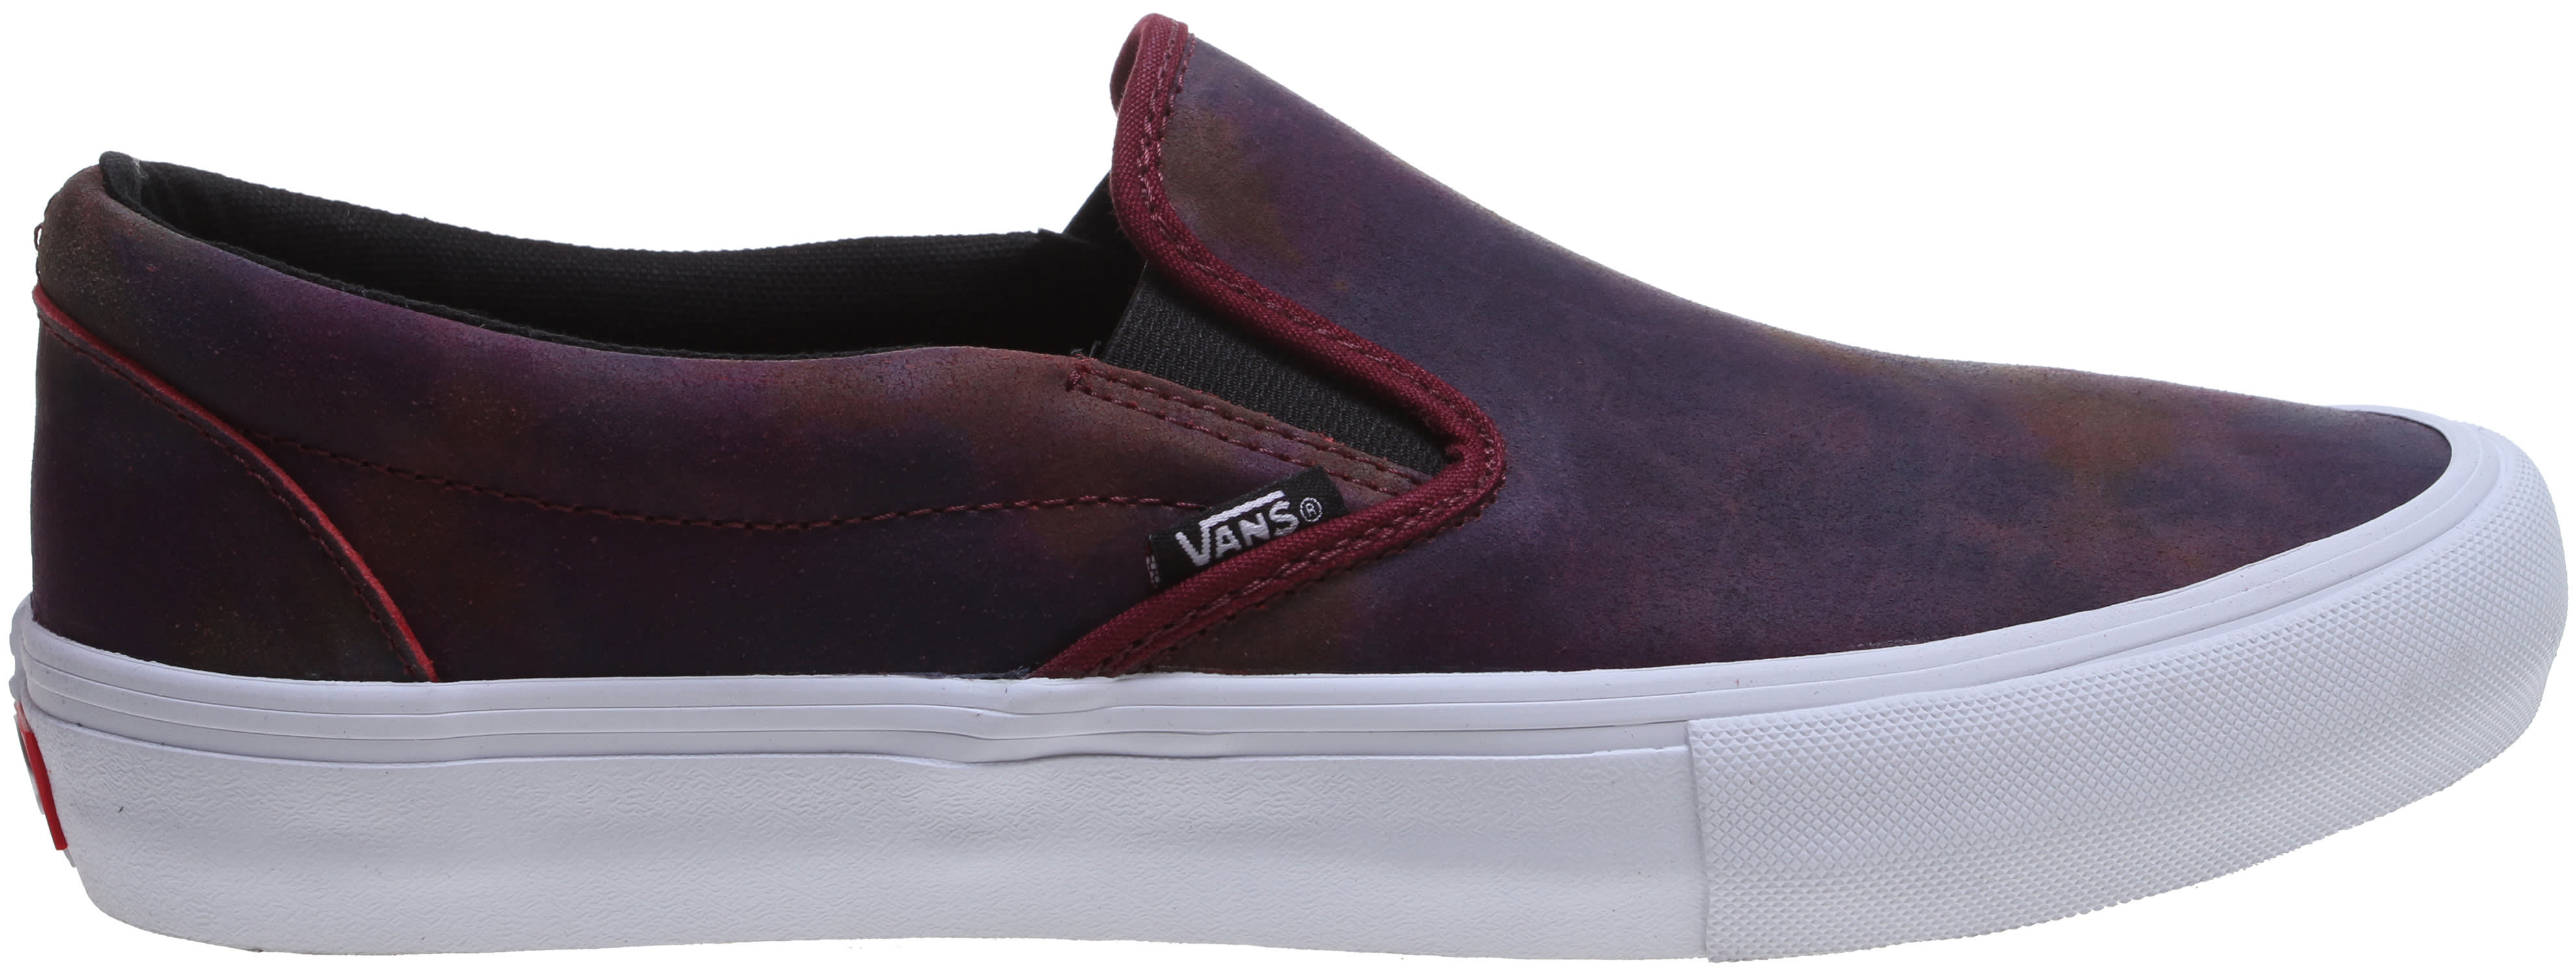 Vans Type Tie Dye Shoes